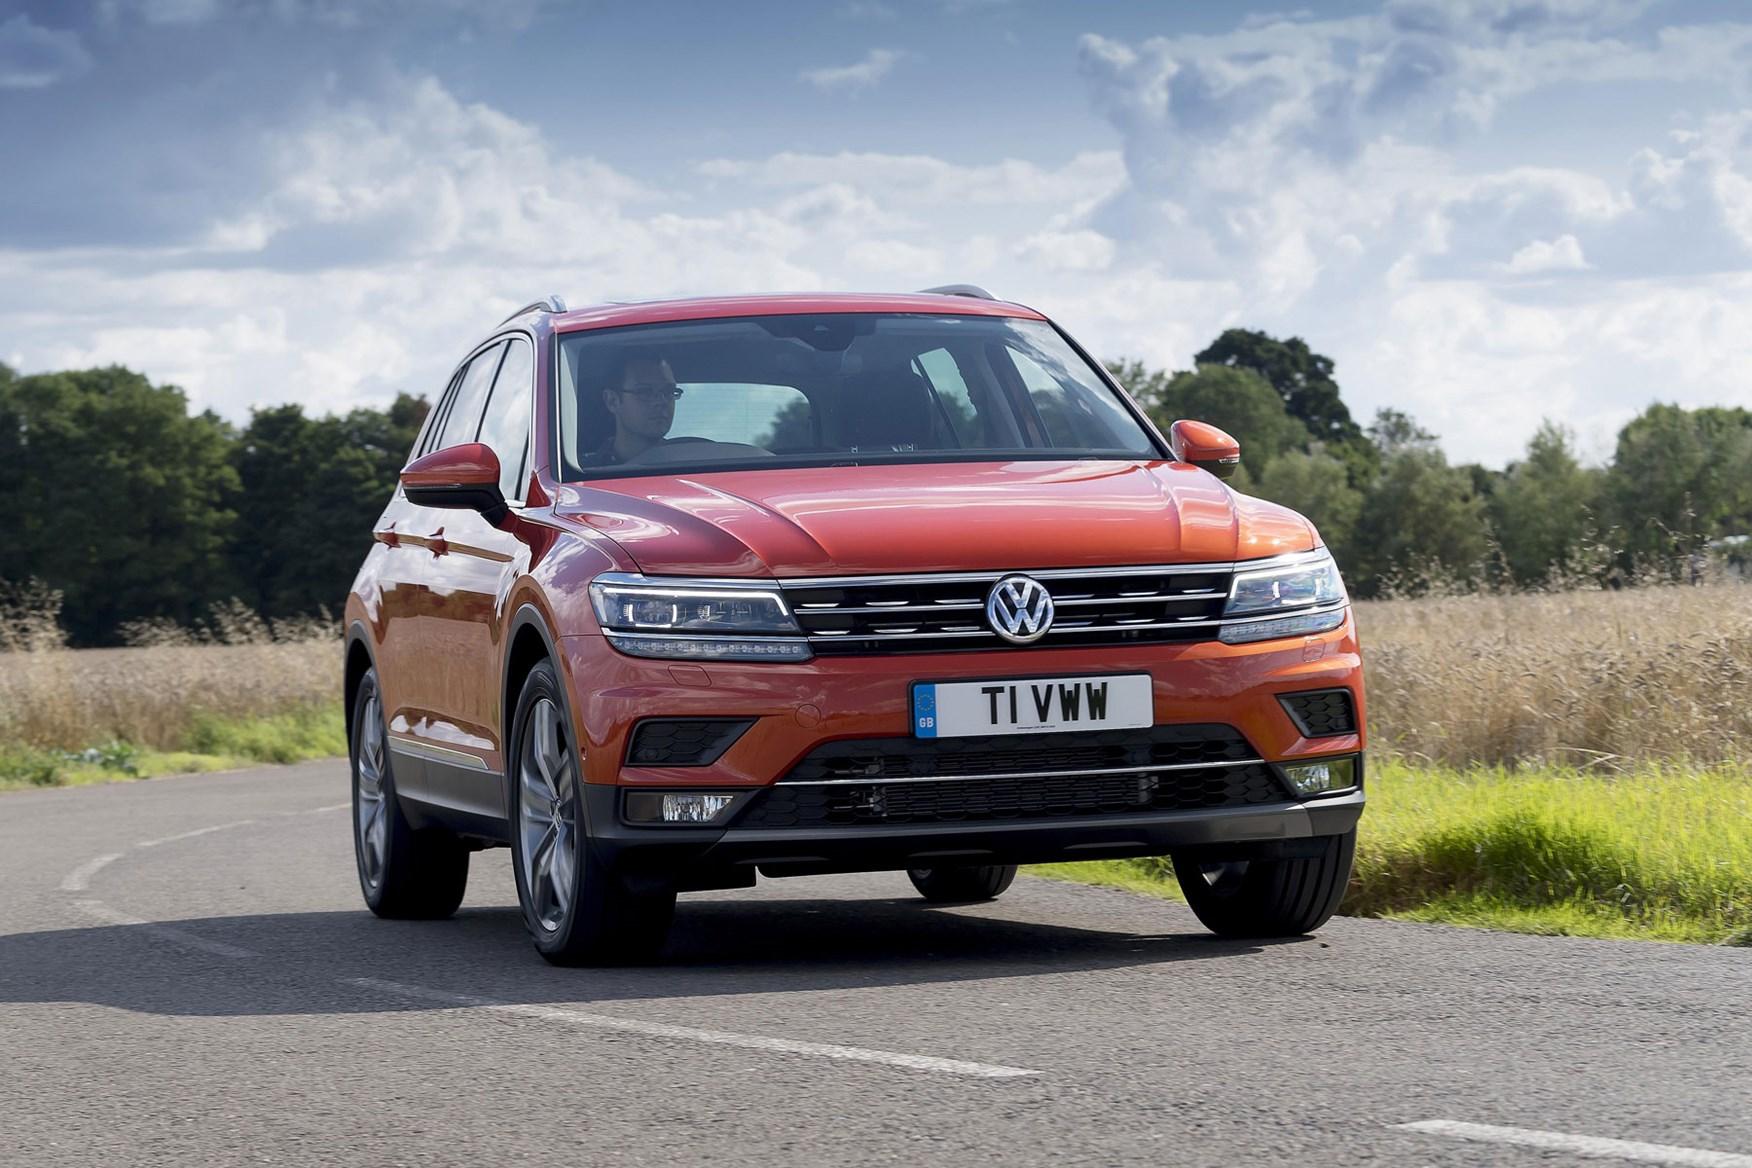 Volkswagen Tiguan (2019) MPG, Running Costs, Economy & CO2 | Parkers